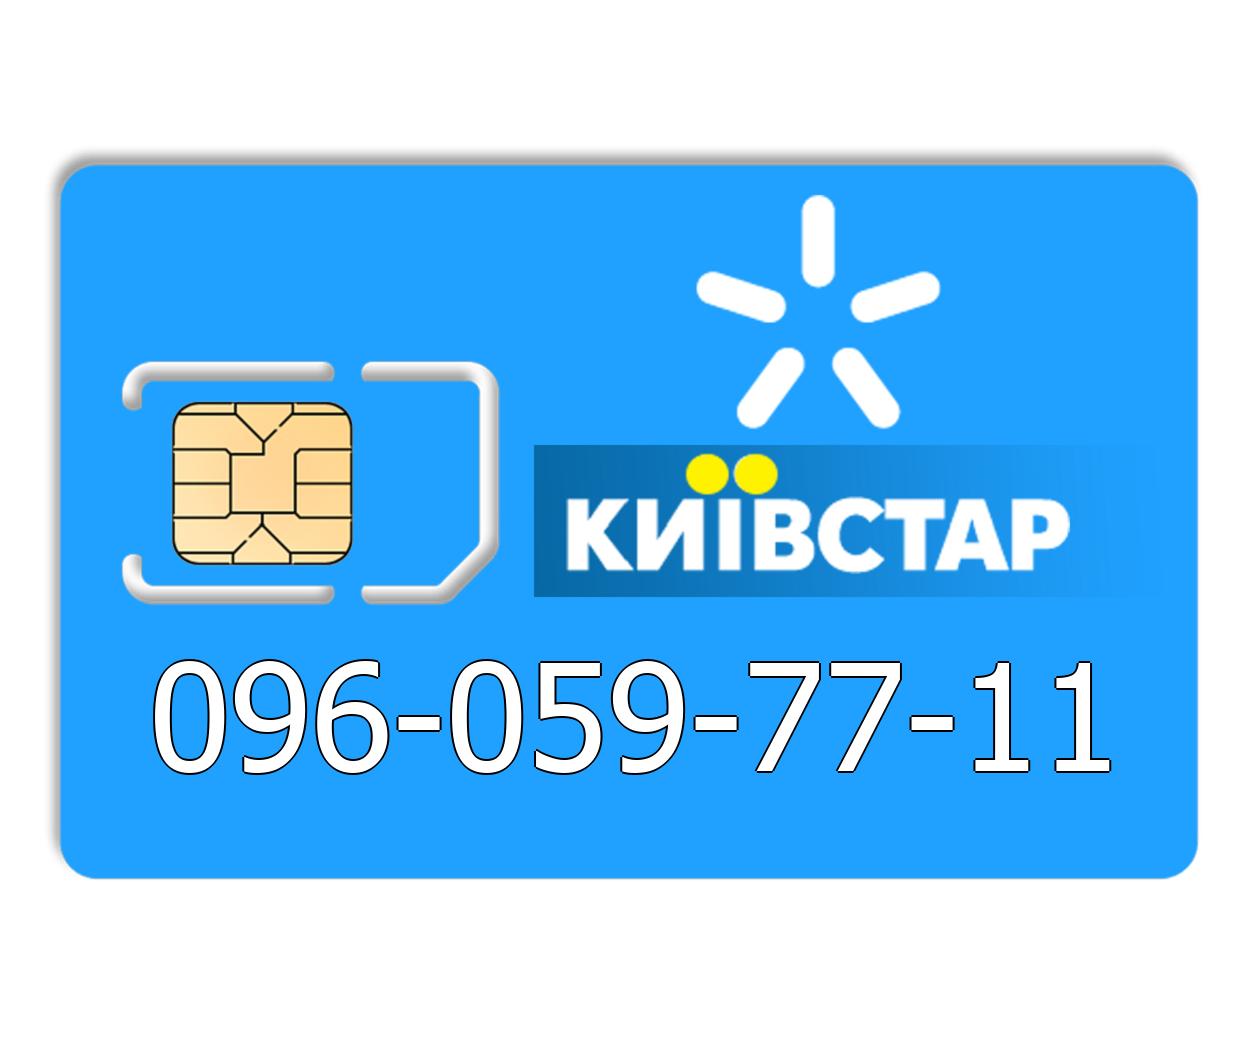 Красивый номер Киевстар 096-059-77-11